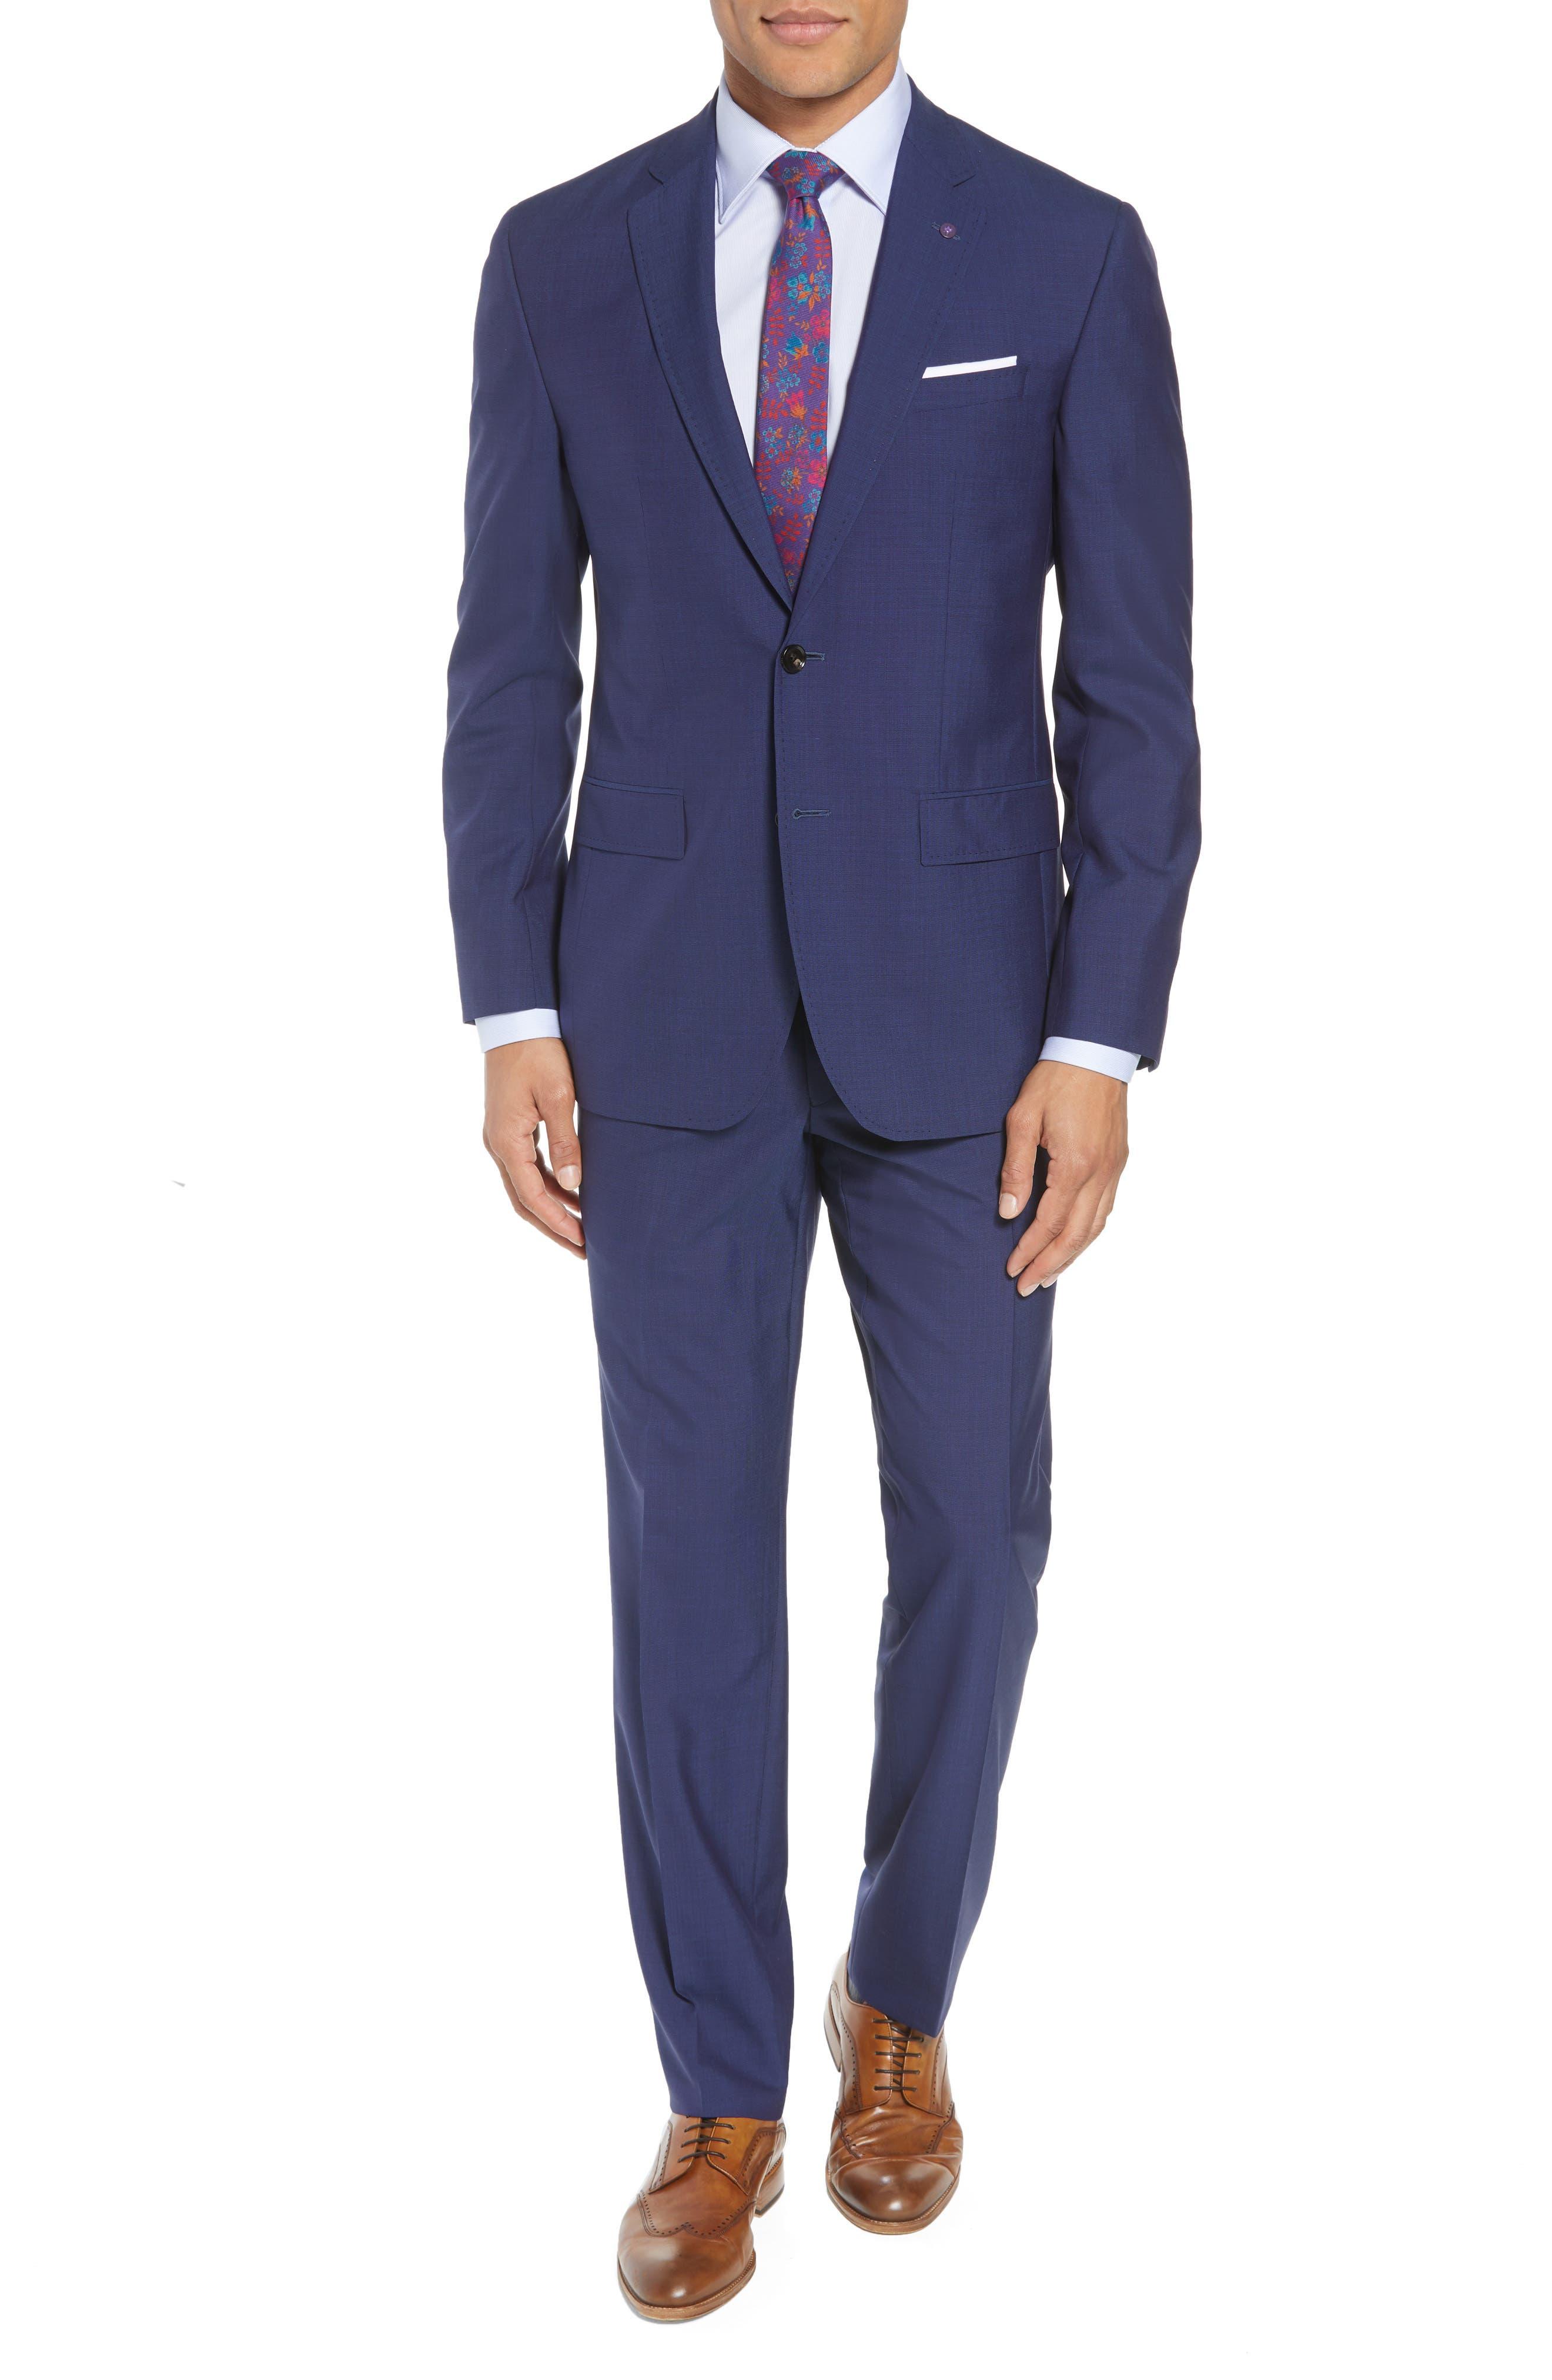 Jay Trim Fit Suit,                             Main thumbnail 1, color,                             BLUE